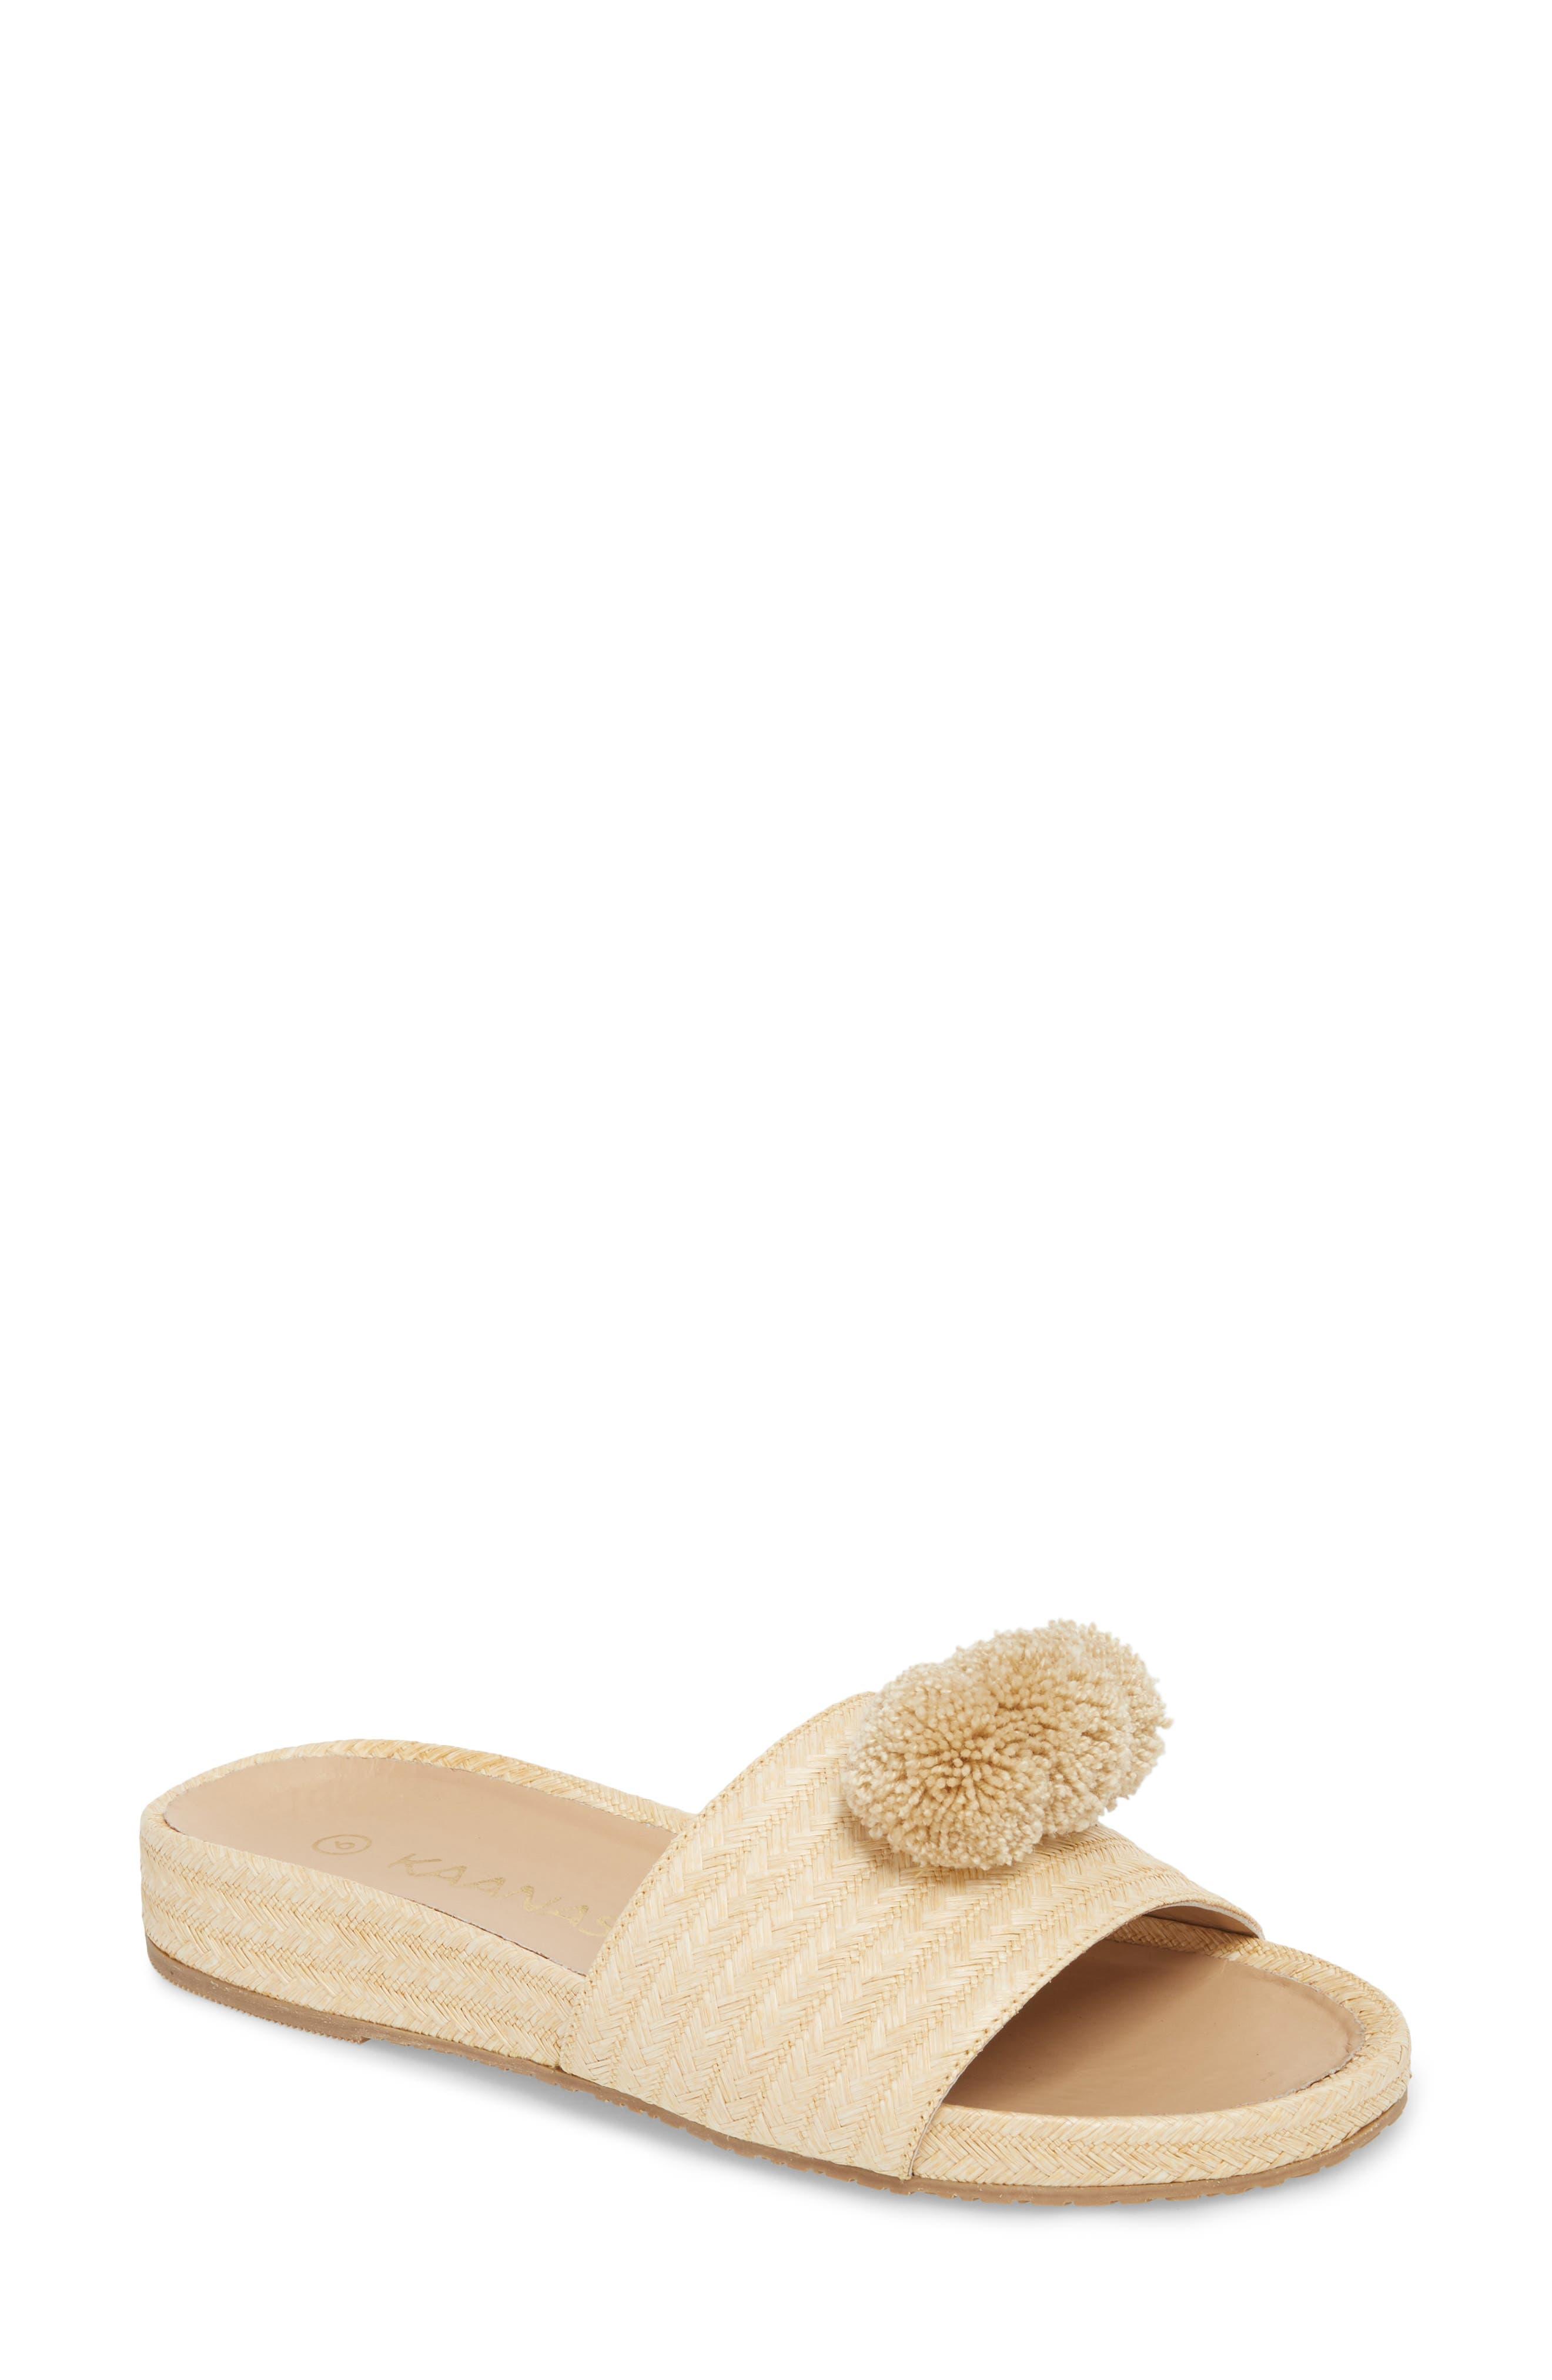 Santa Cruz Pom Slide Sandal,                         Main,                         color,